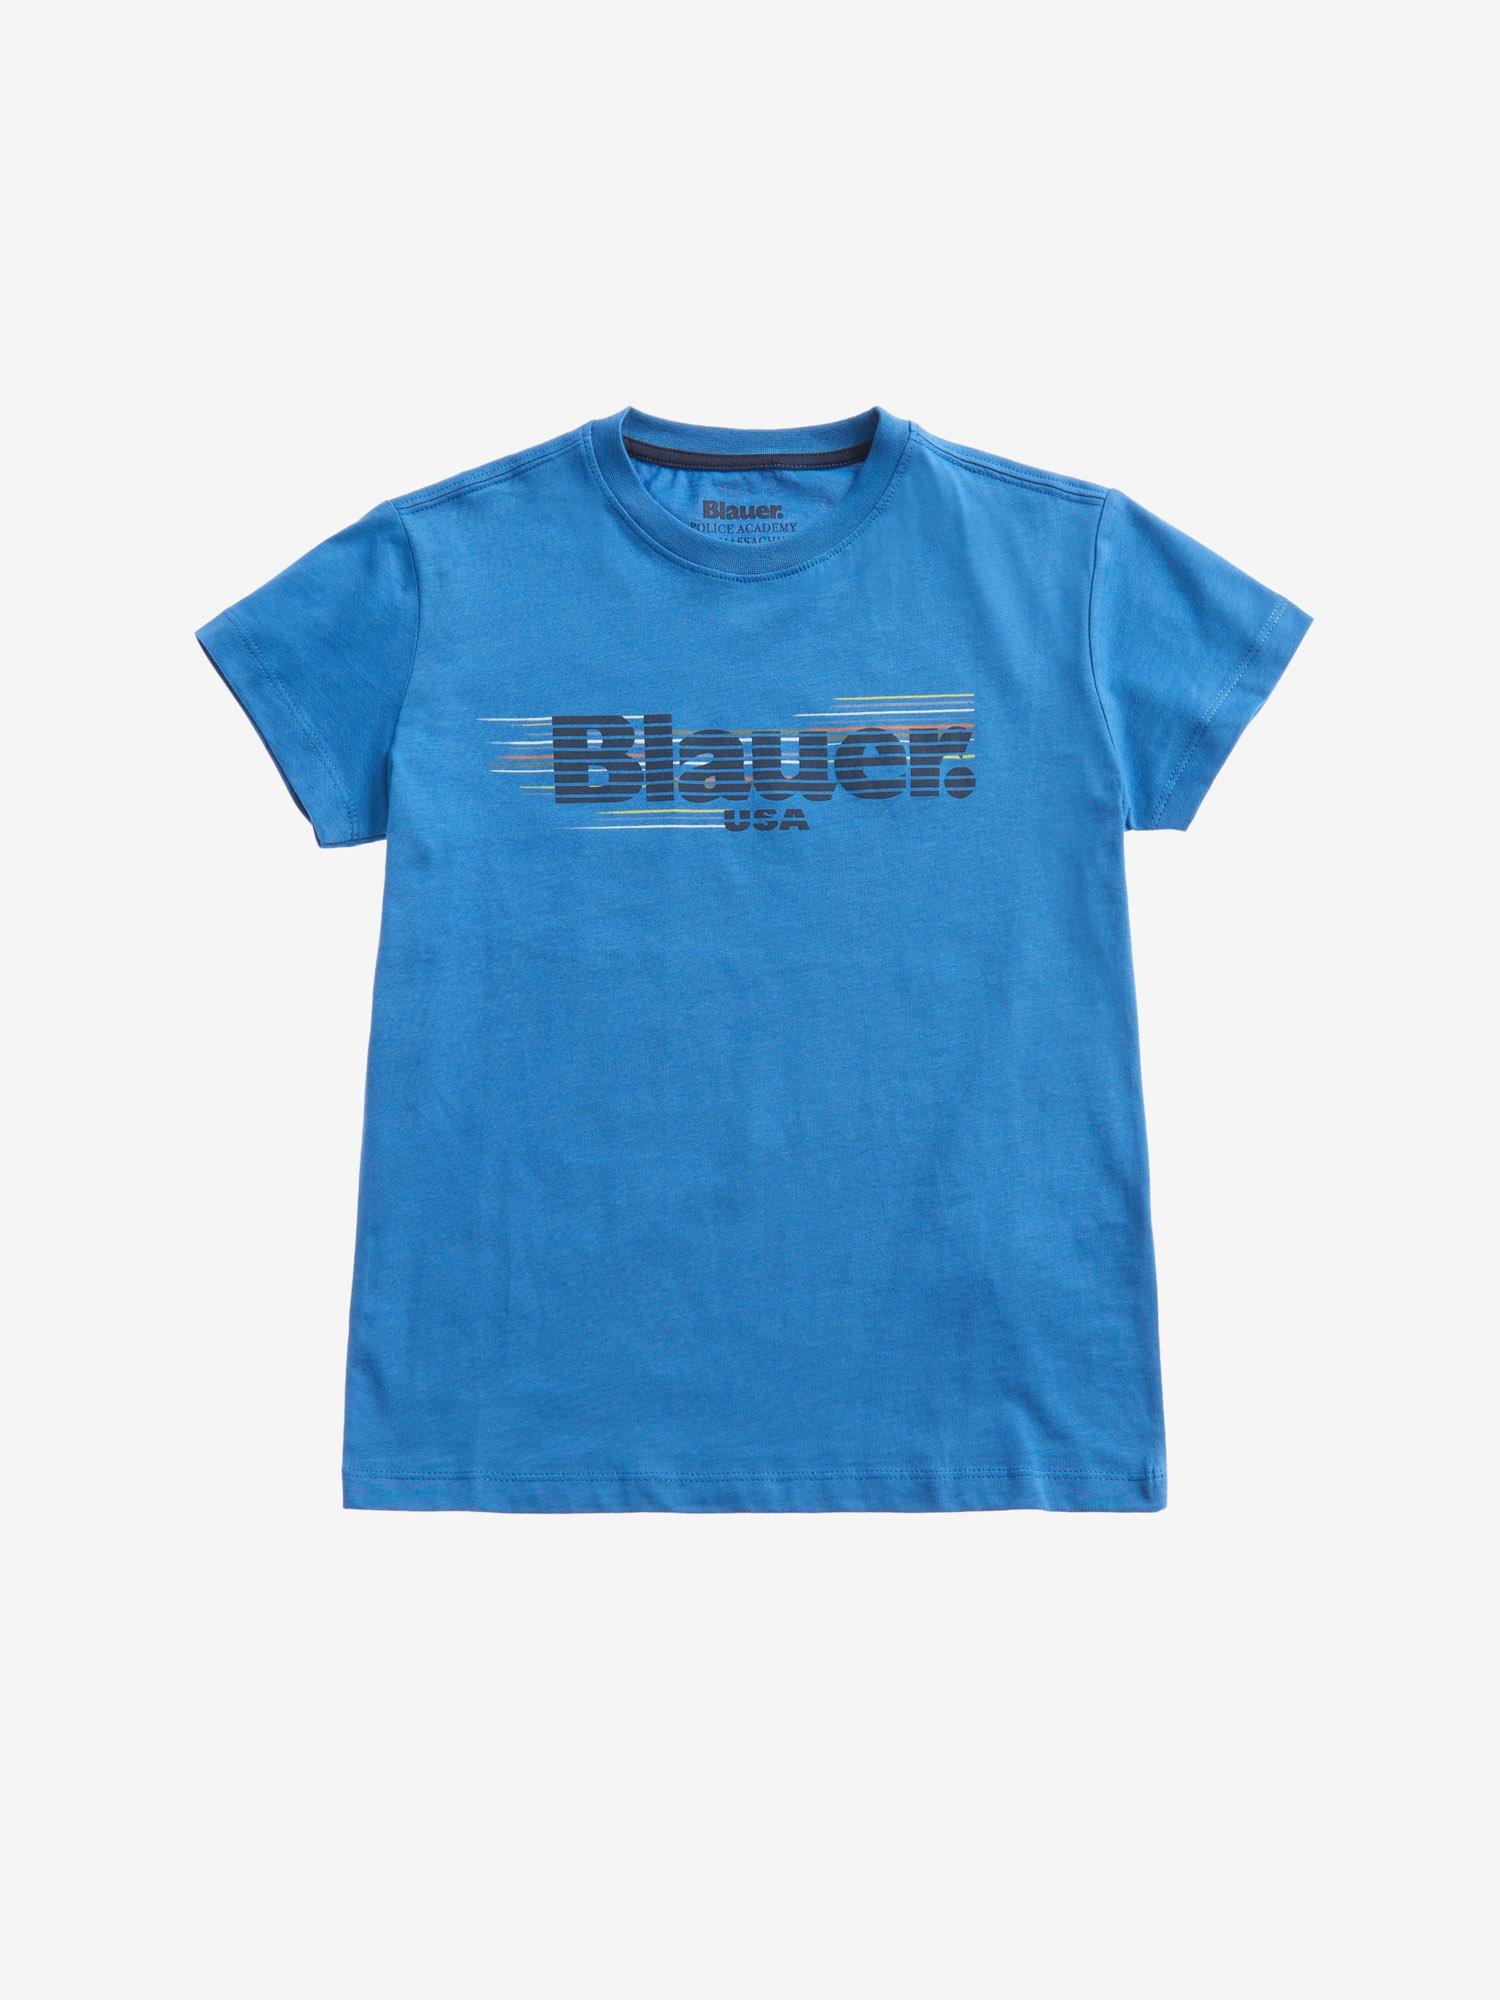 T-SHIRT FÜR JUNGEN GESTREIFT BLAUER - Blauer